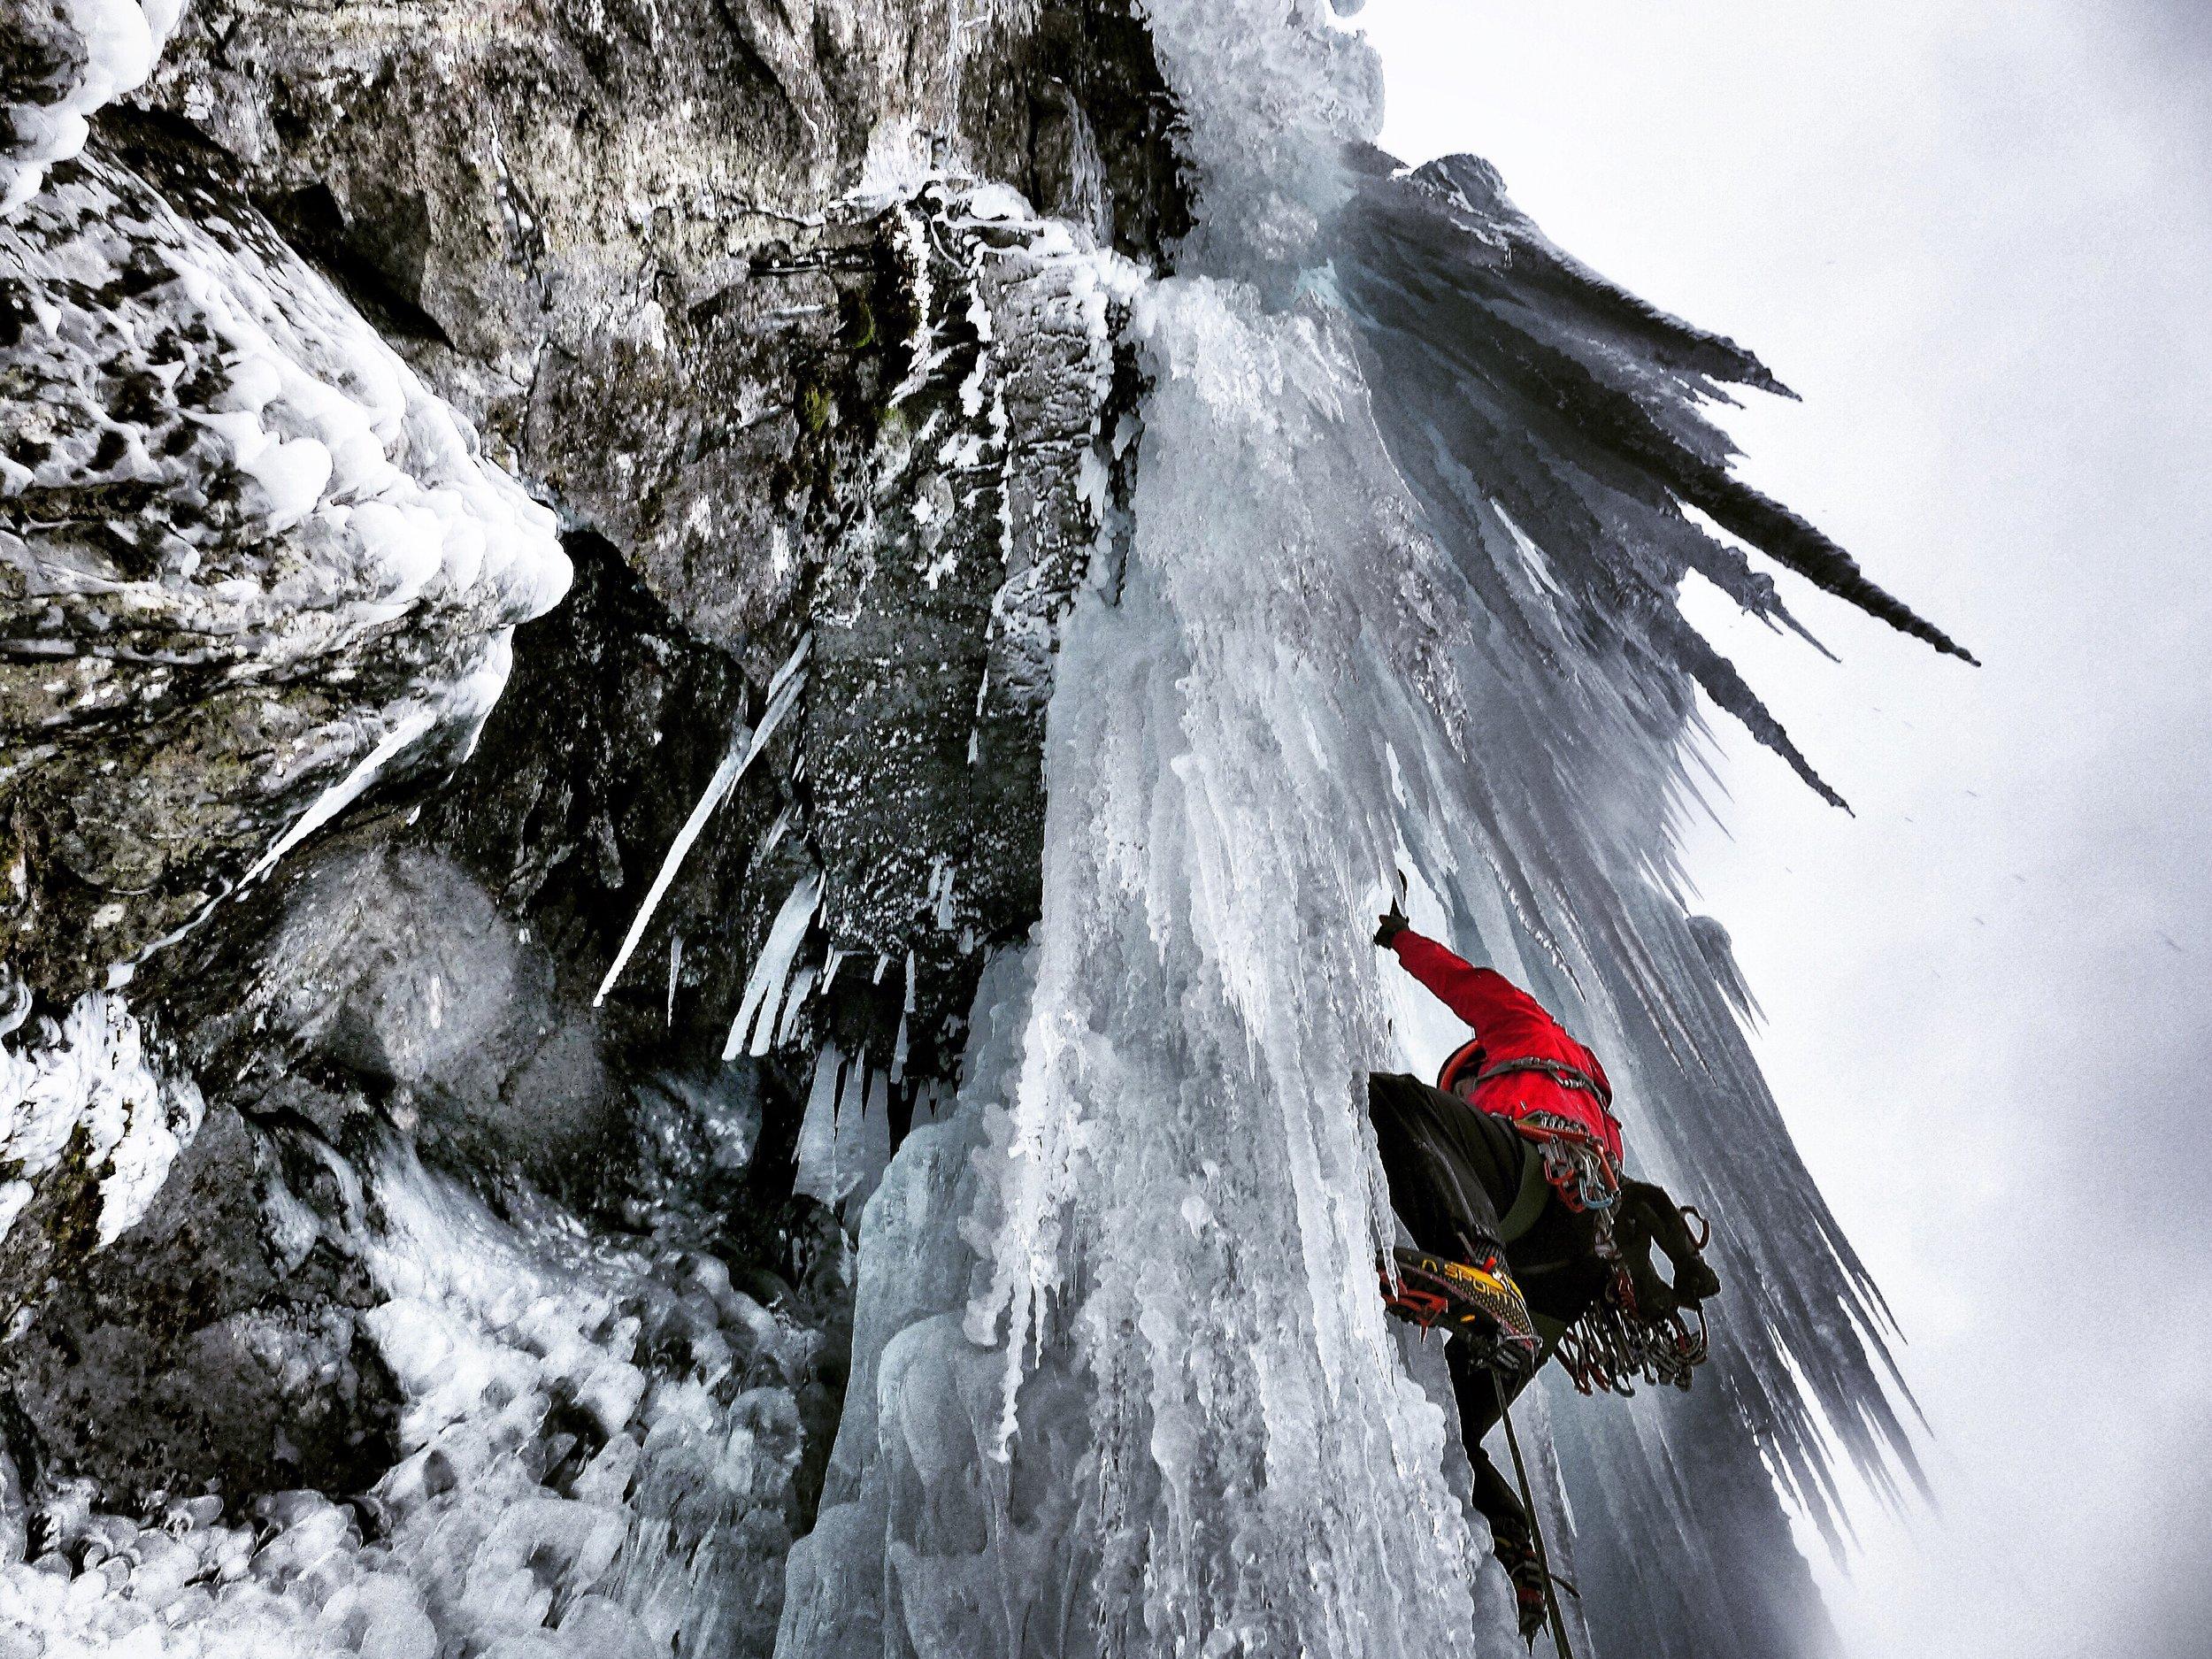 Matthias Scherer on Svartberg Fall, Gudvangen, Norway - picture Tanja Schmitt